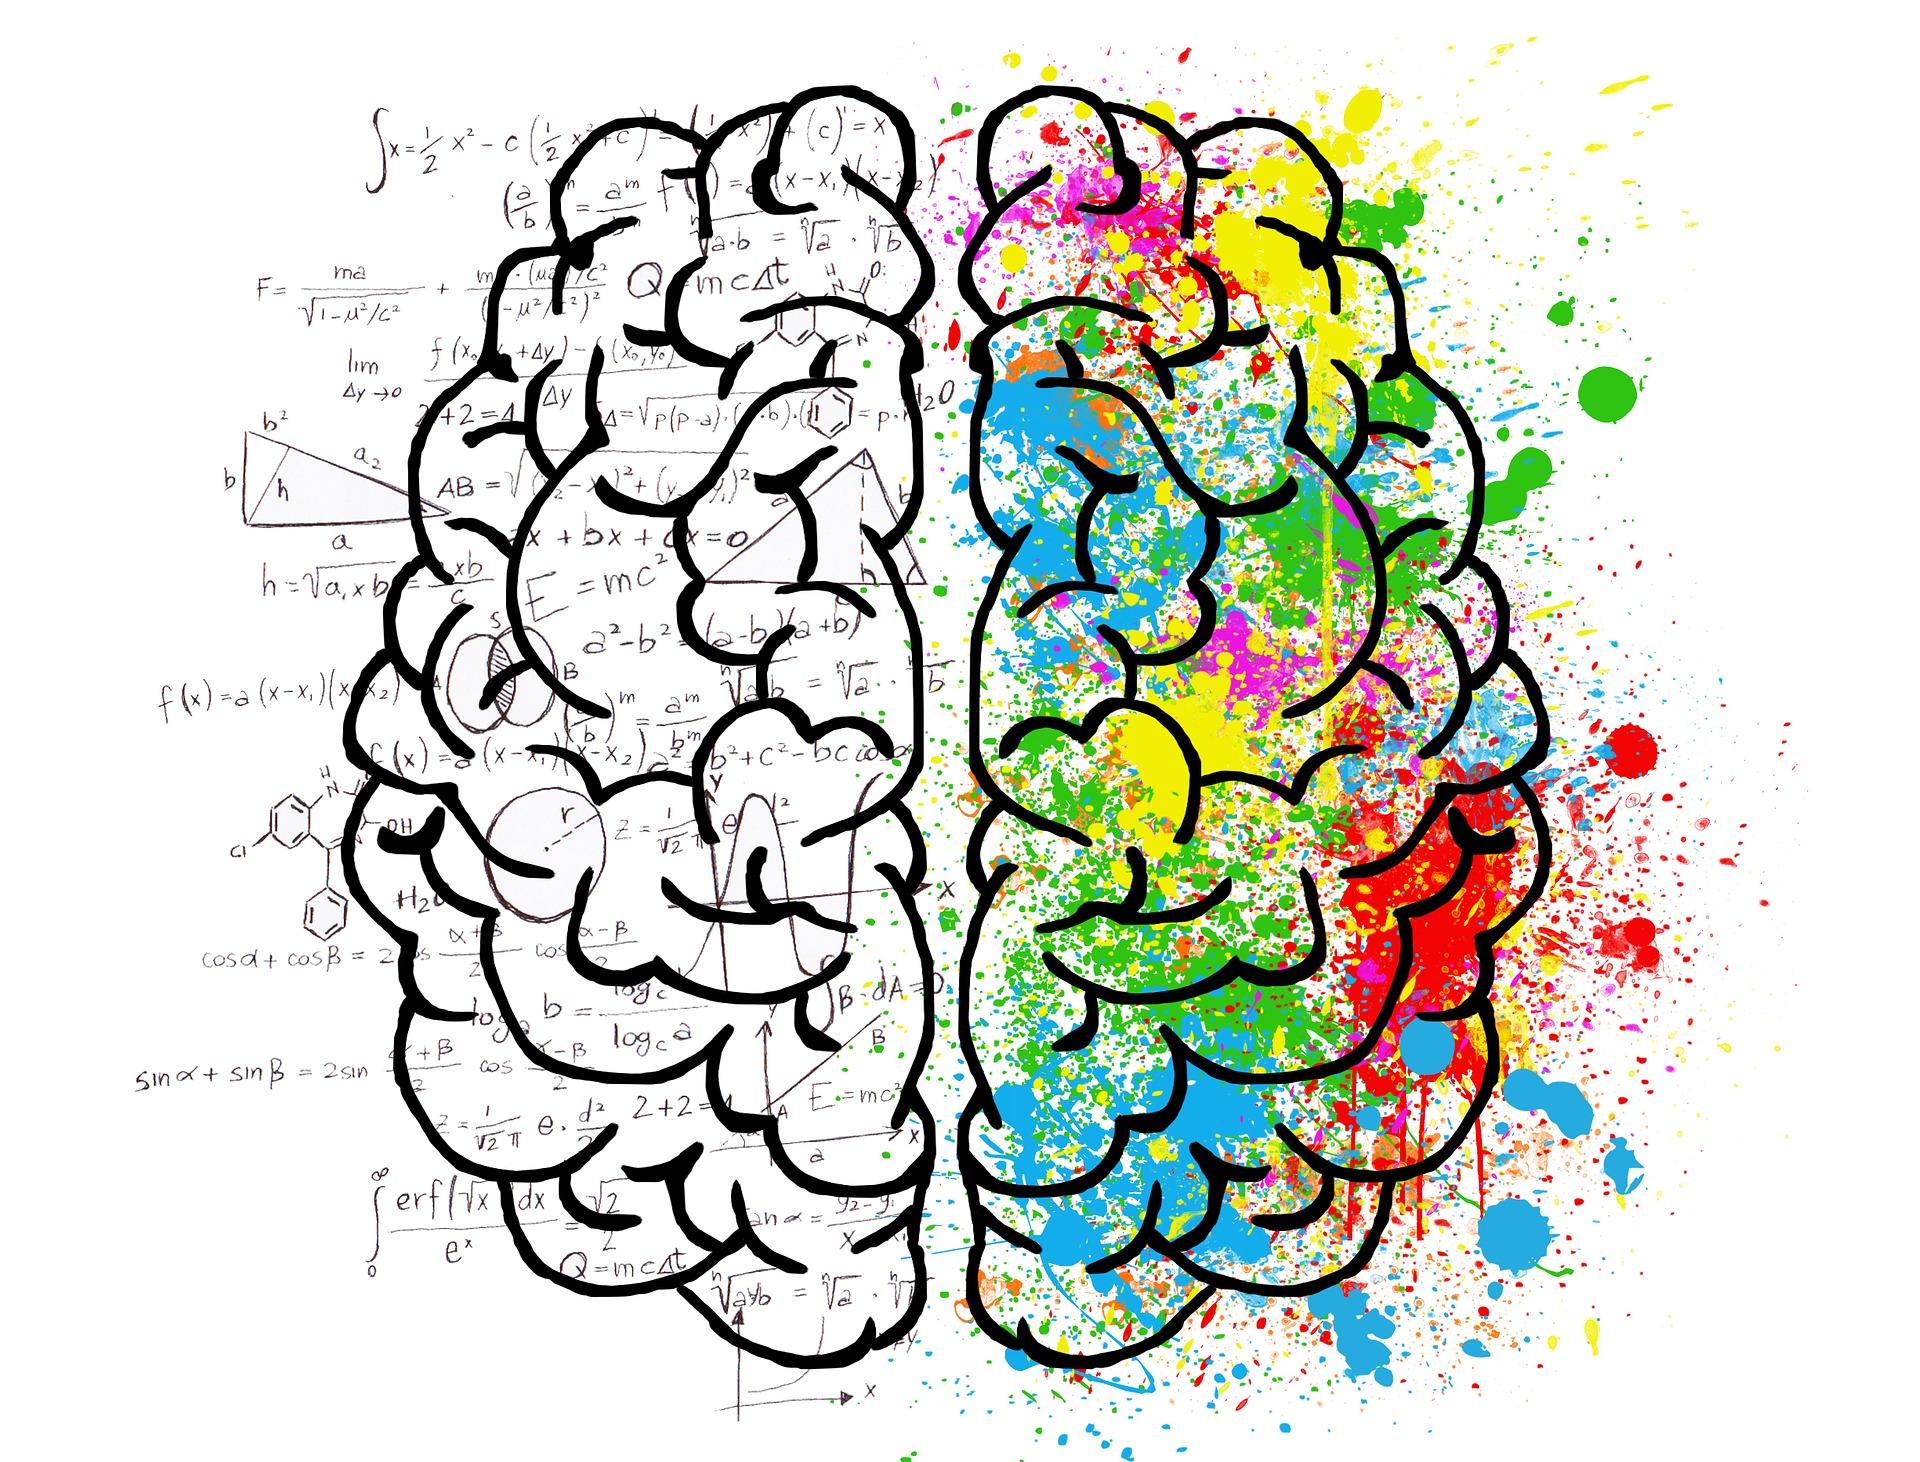 Lerntipp 7: Gehirnpflege ist die Voraussetzung für Konzentration